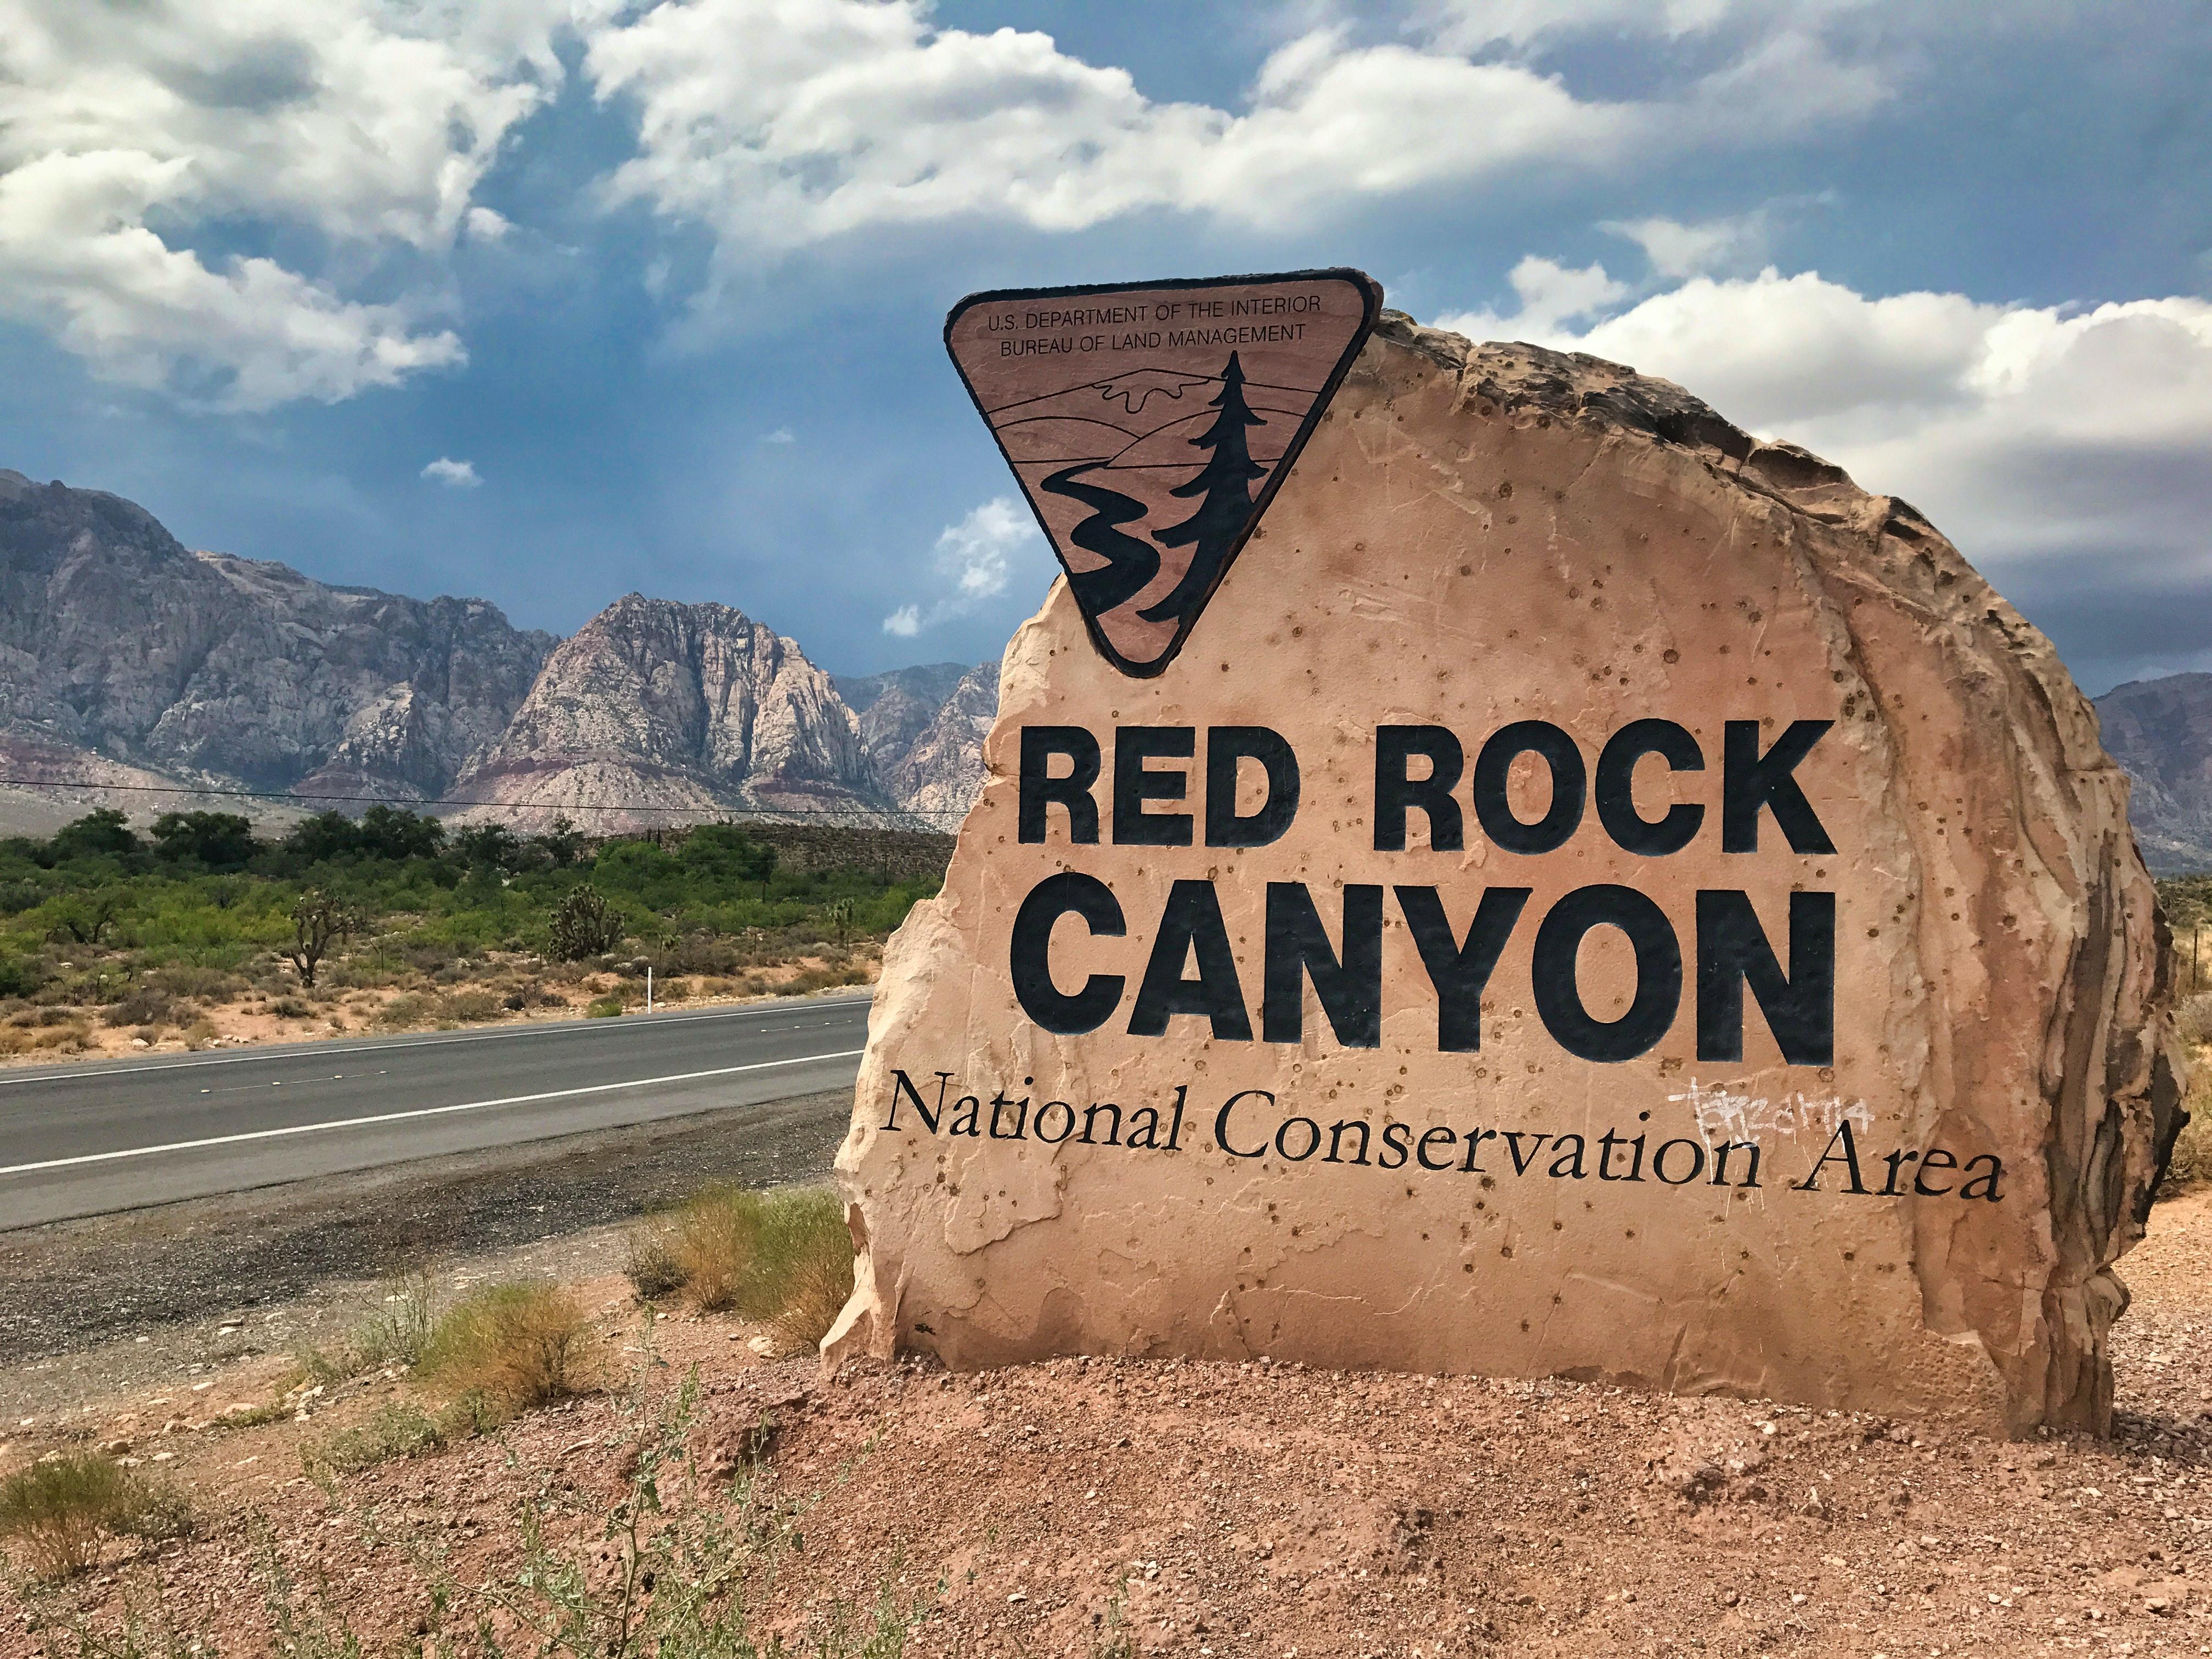 Red Rock Canyon, near Las Vegas